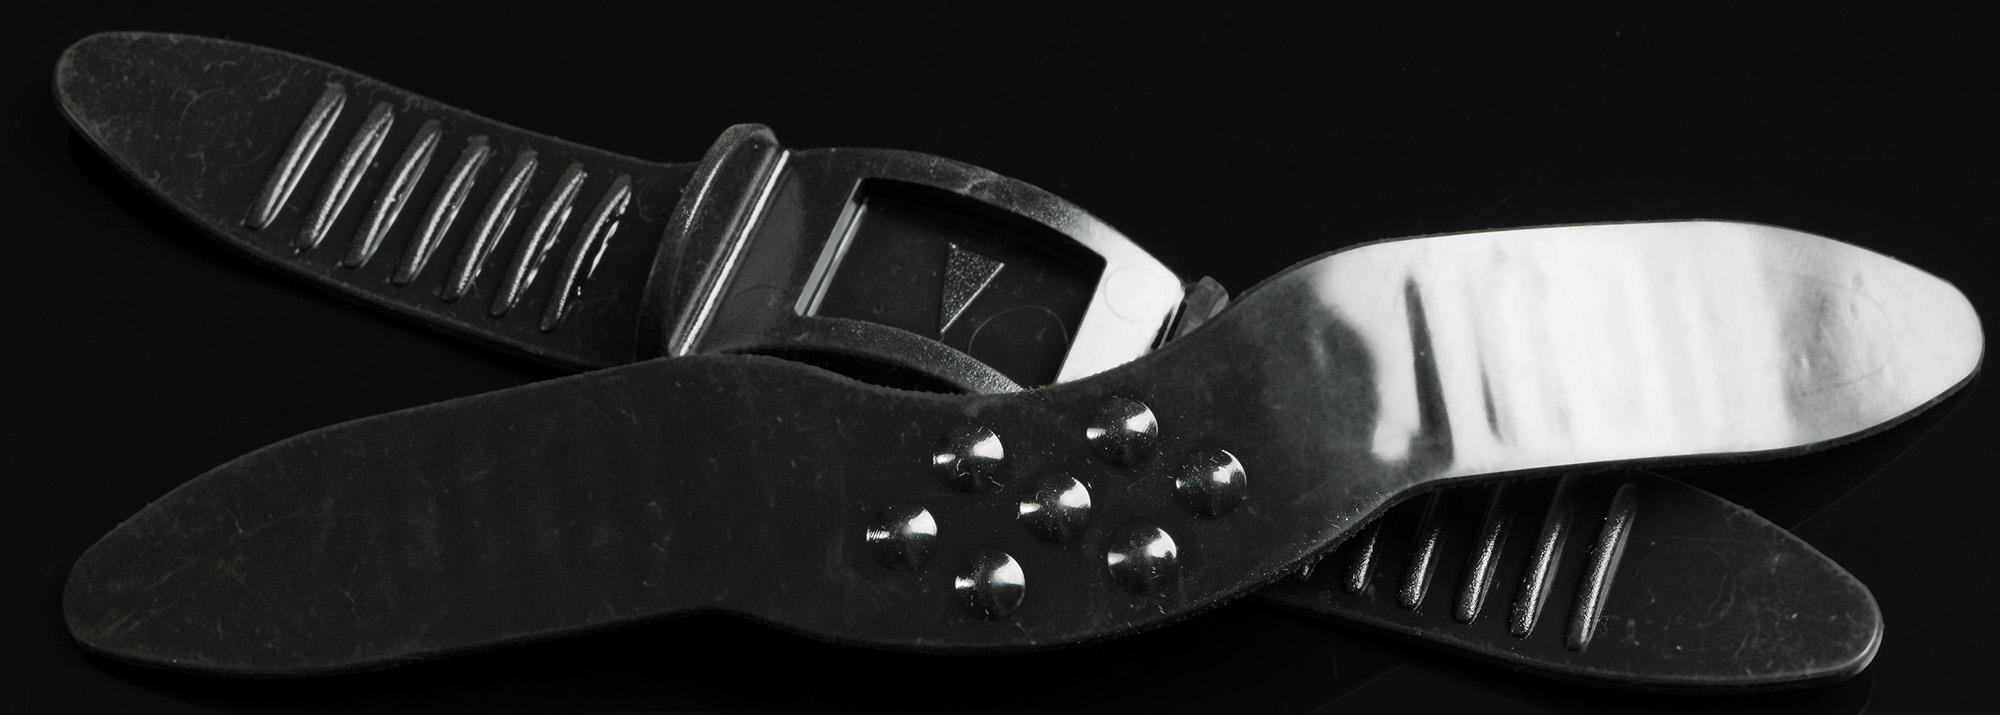 прочные силиконовые ремешки для крепления полового члена